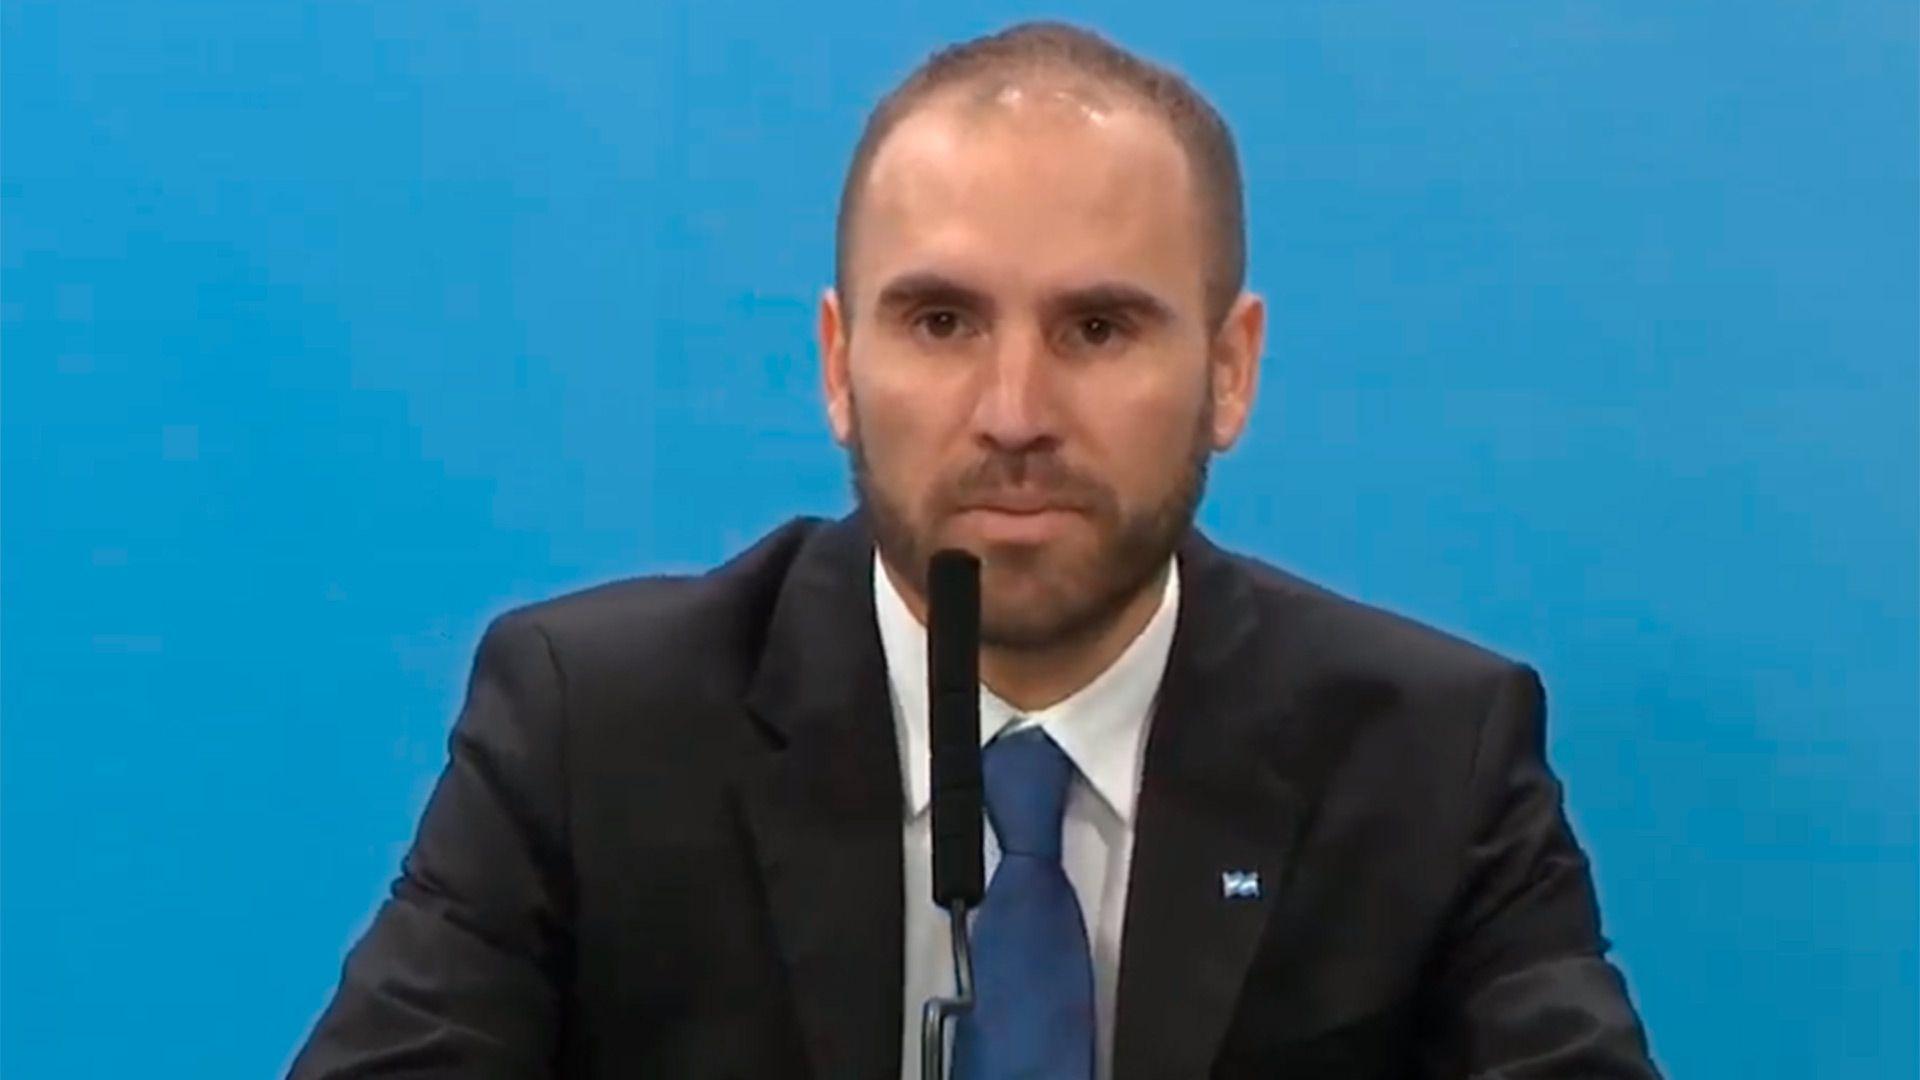 El ministro de Economía, Martín Guzmán